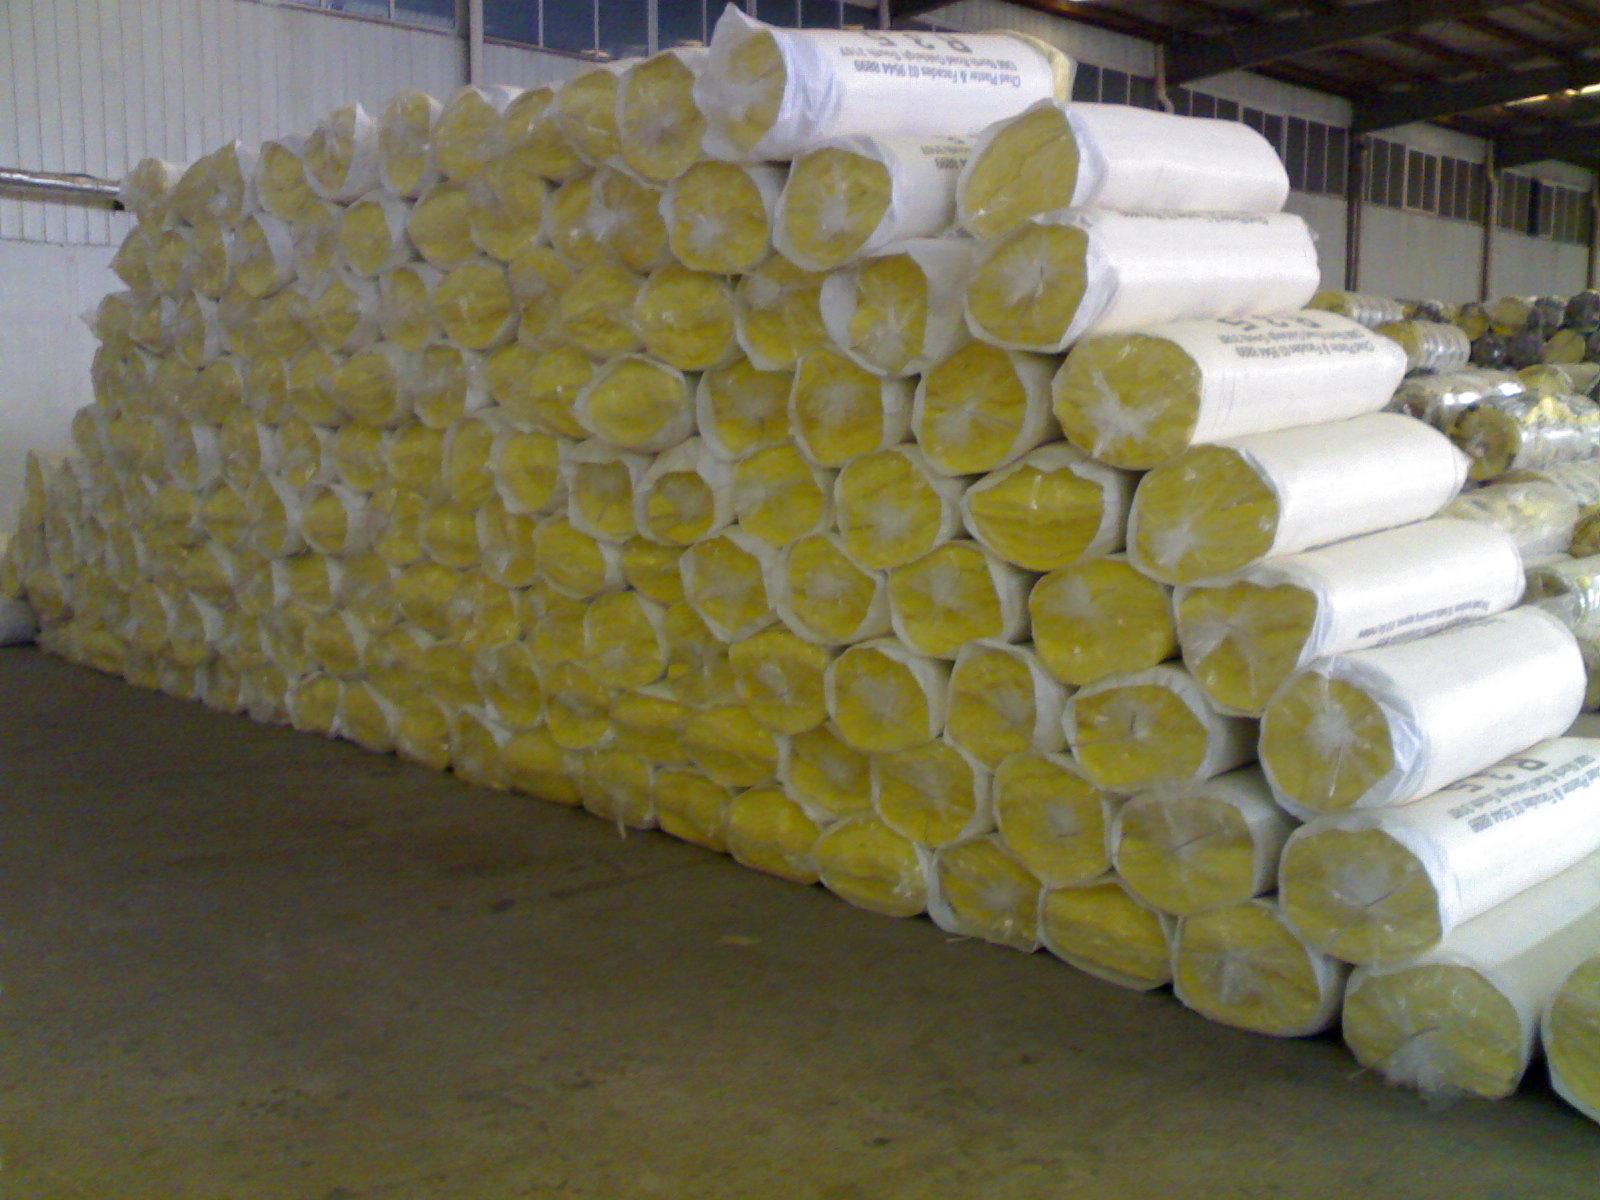 钢结构玻璃棉卷毡贴铝箔不同容重计算价格